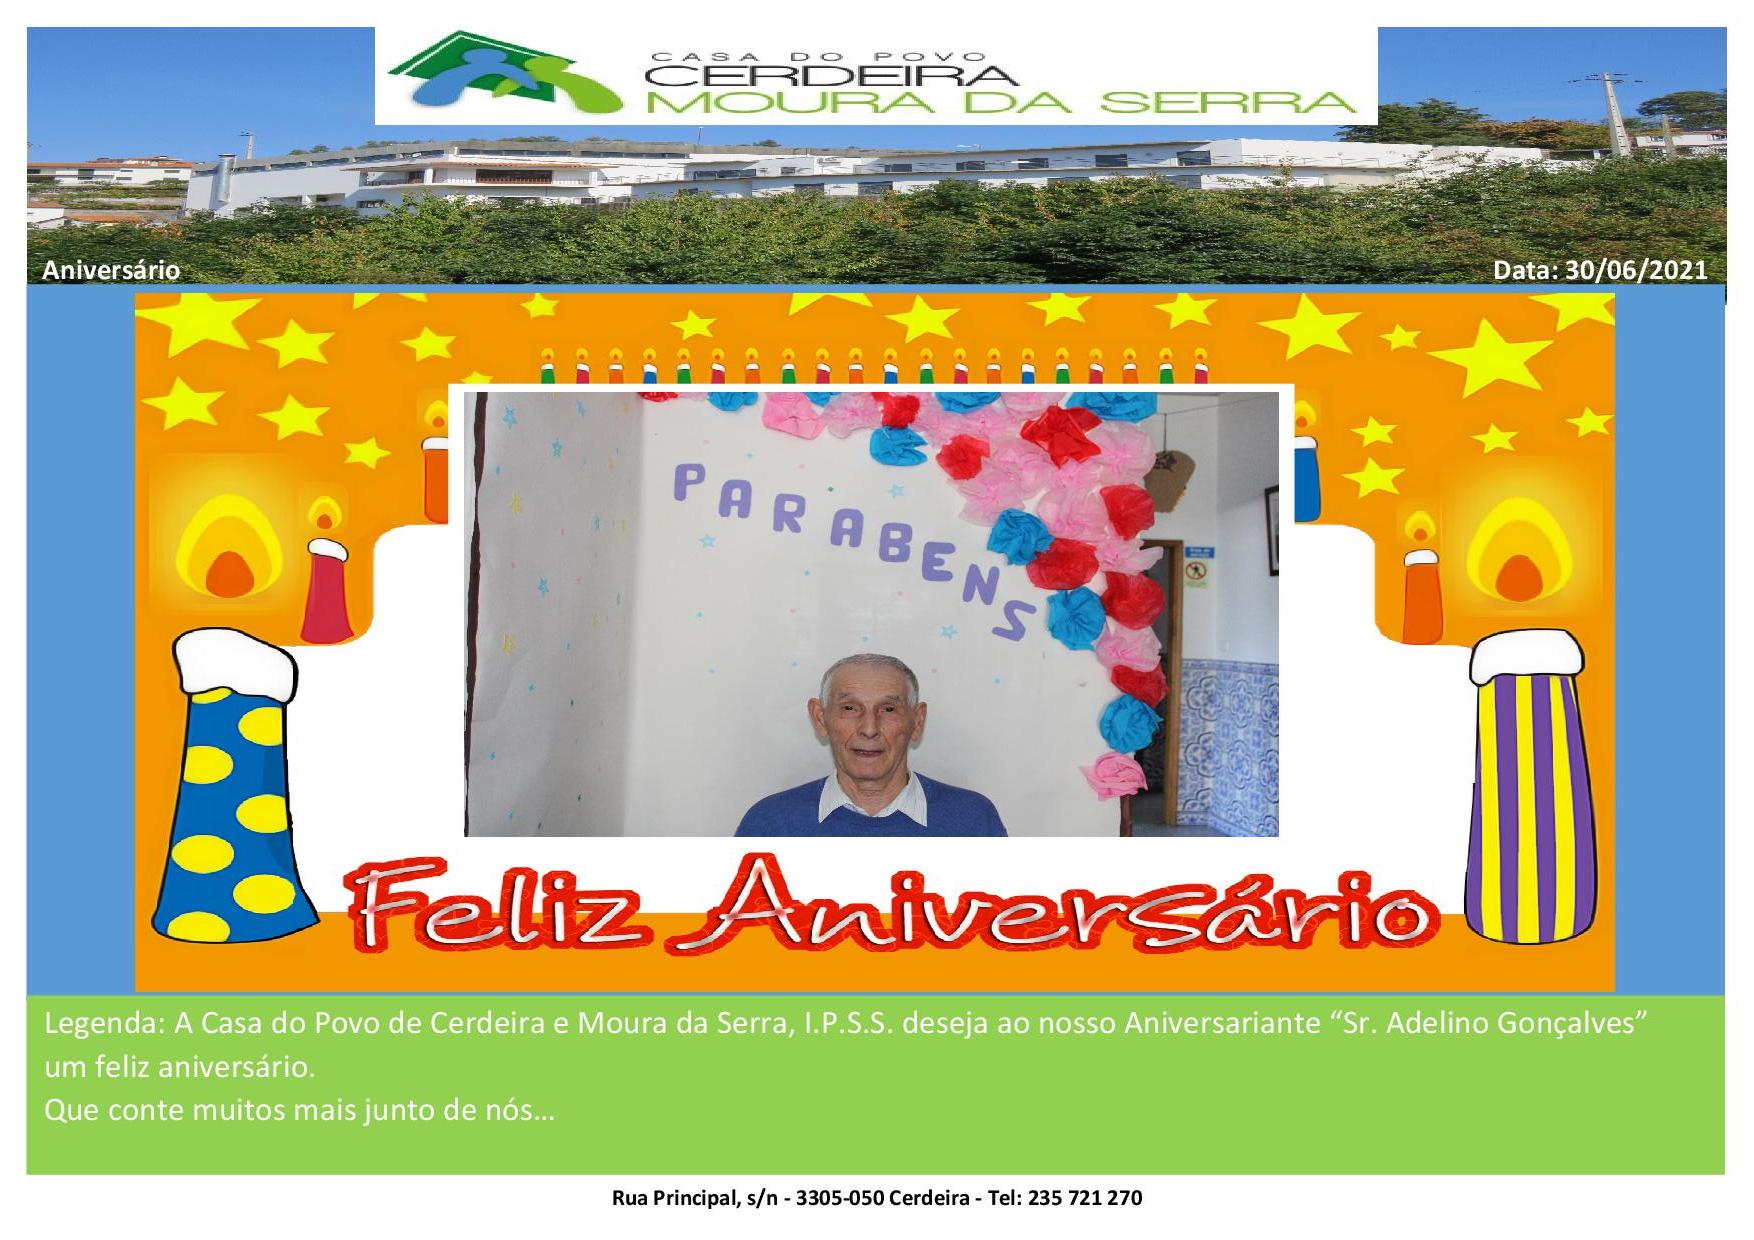 Aniversário Sr. Adelino Gonçalves em 30/06/2021